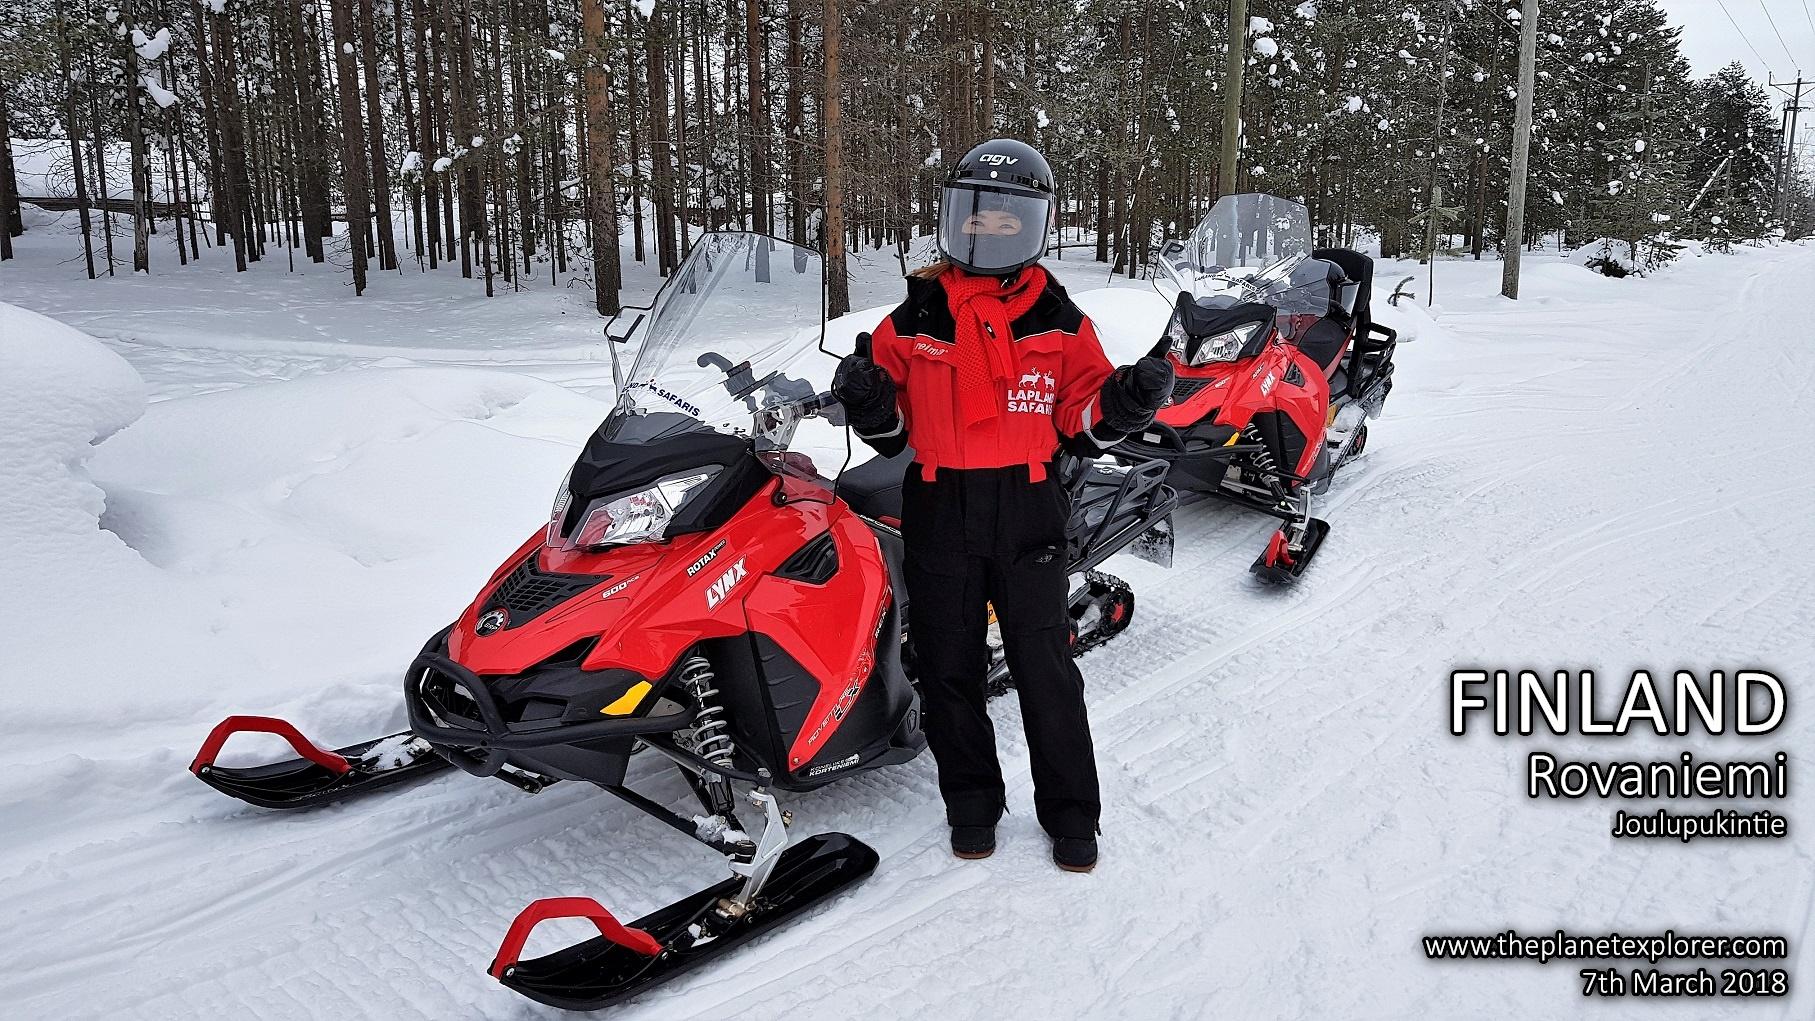 20180307_1222_Finland_Rovaniemi_Joulupukintie 745_Snowmobile_Joanna_Samsung Note 8_LR_@www